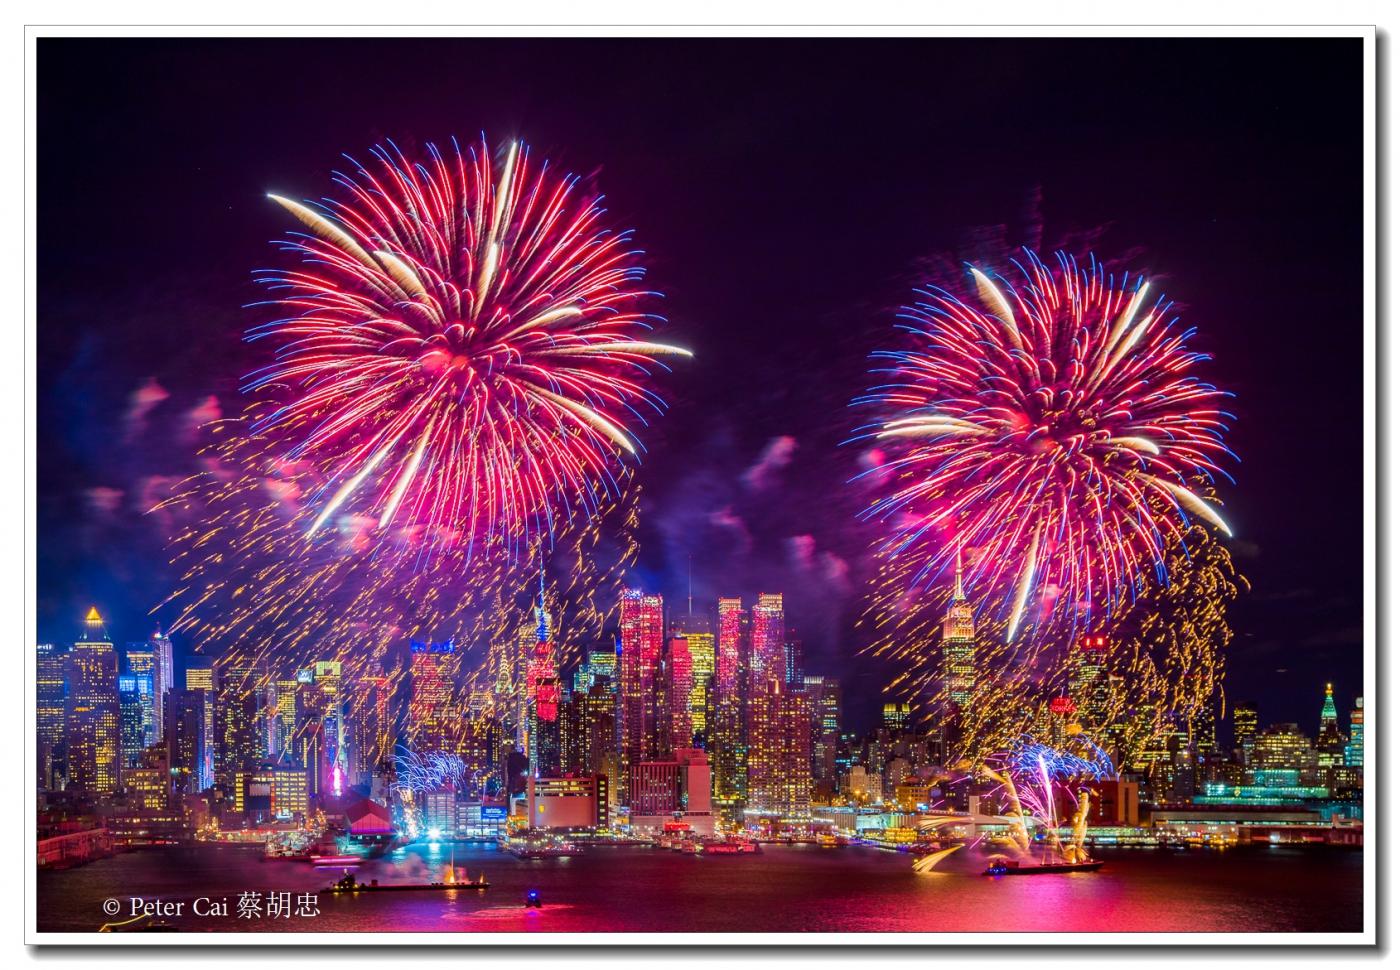 为庆祝中国新年, 纽约昨天晚上盛放焰火_图1-2